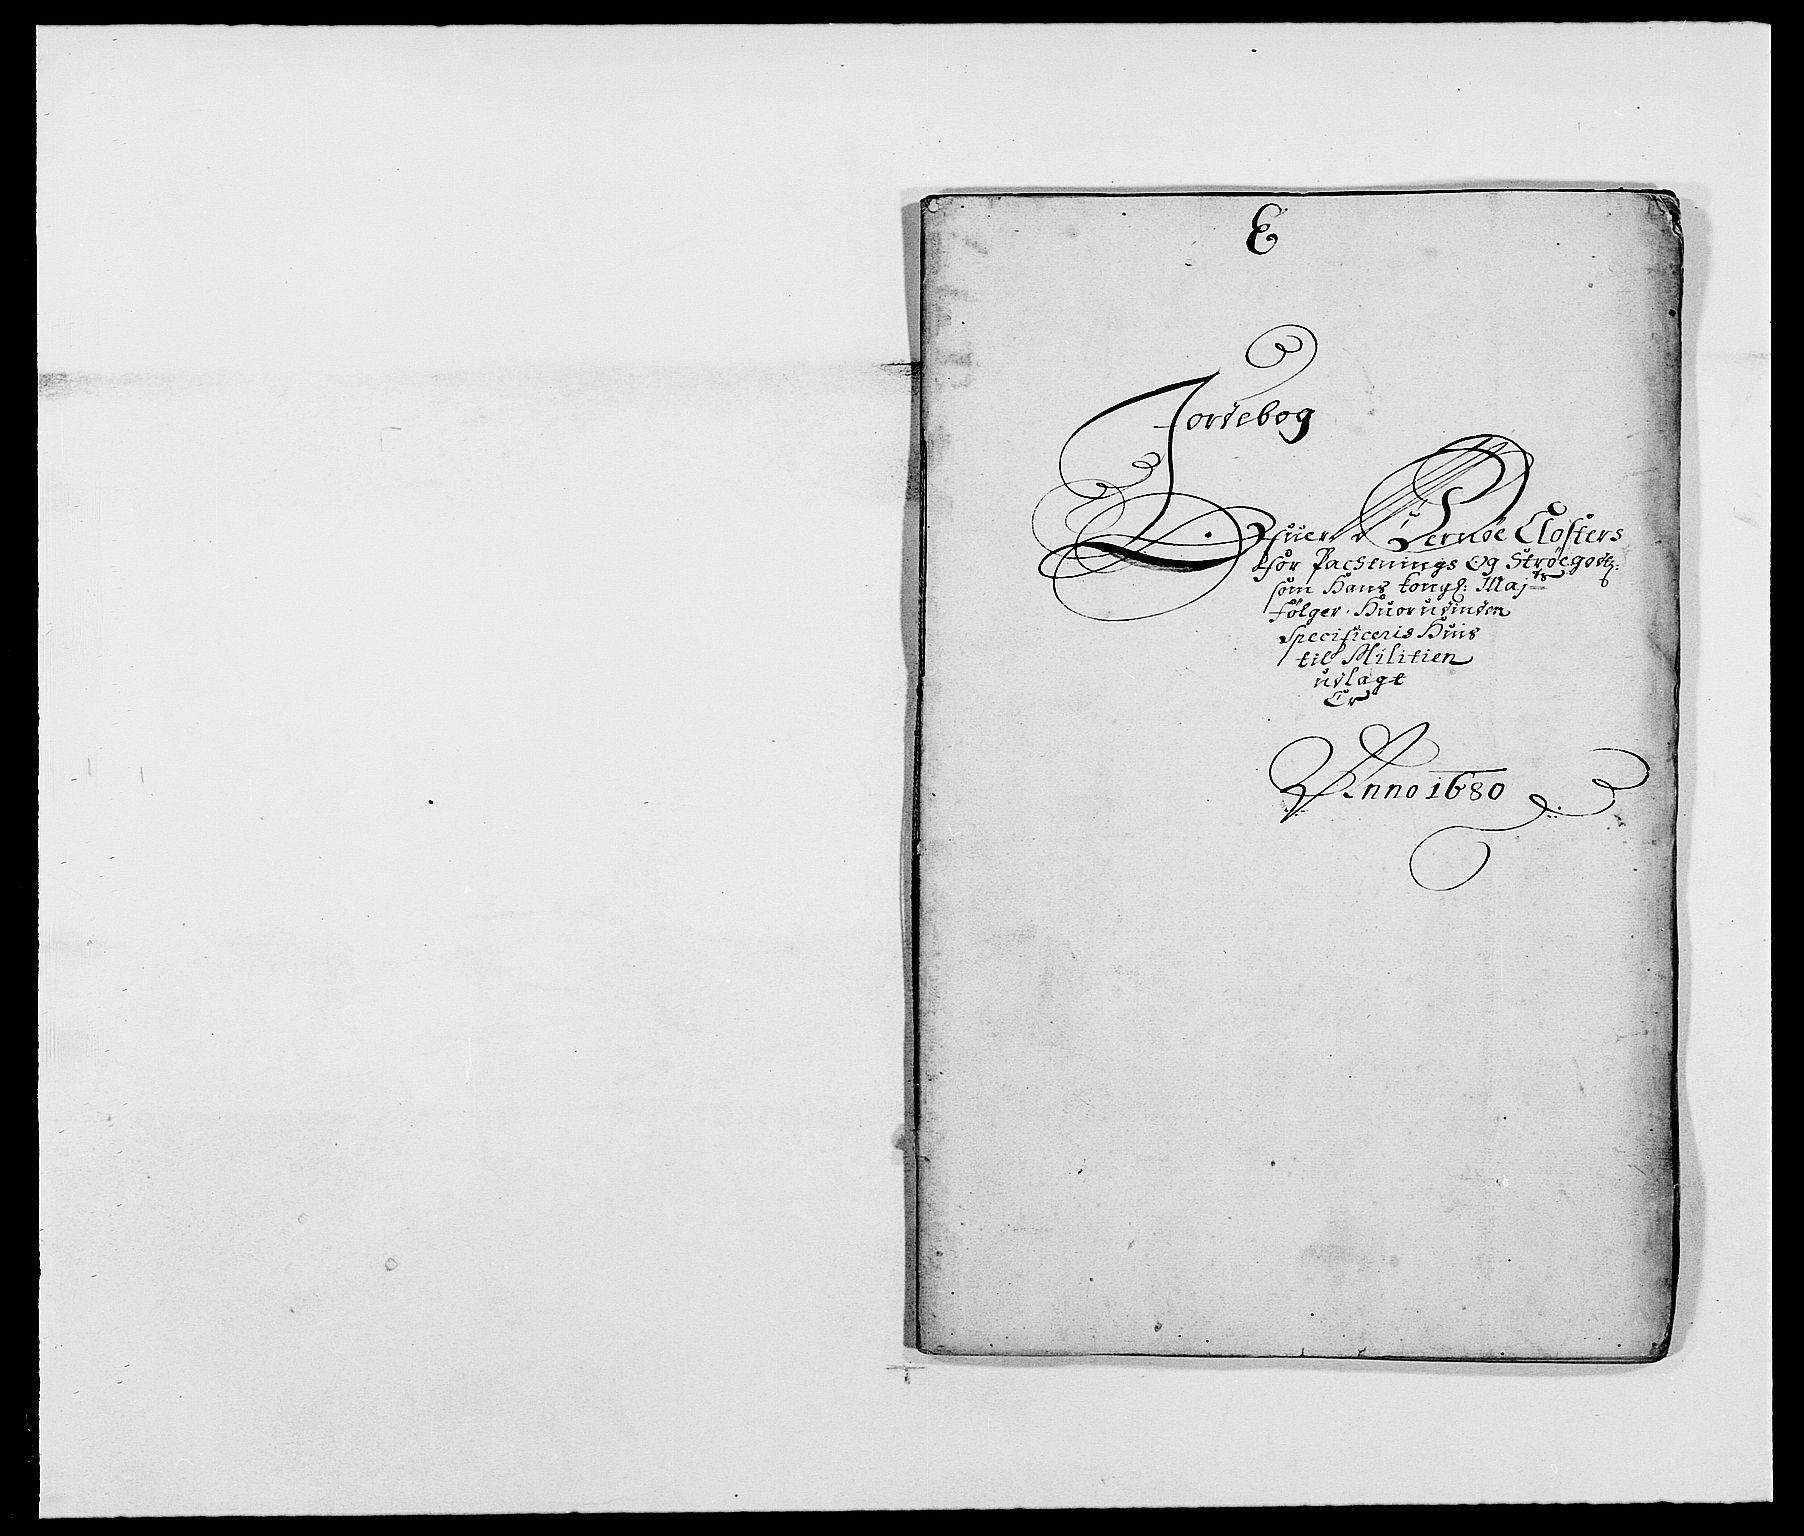 RA, Rentekammeret inntil 1814, Reviderte regnskaper, Fogderegnskap, R02/L0101: Fogderegnskap Moss og Verne kloster, 1680, s. 129